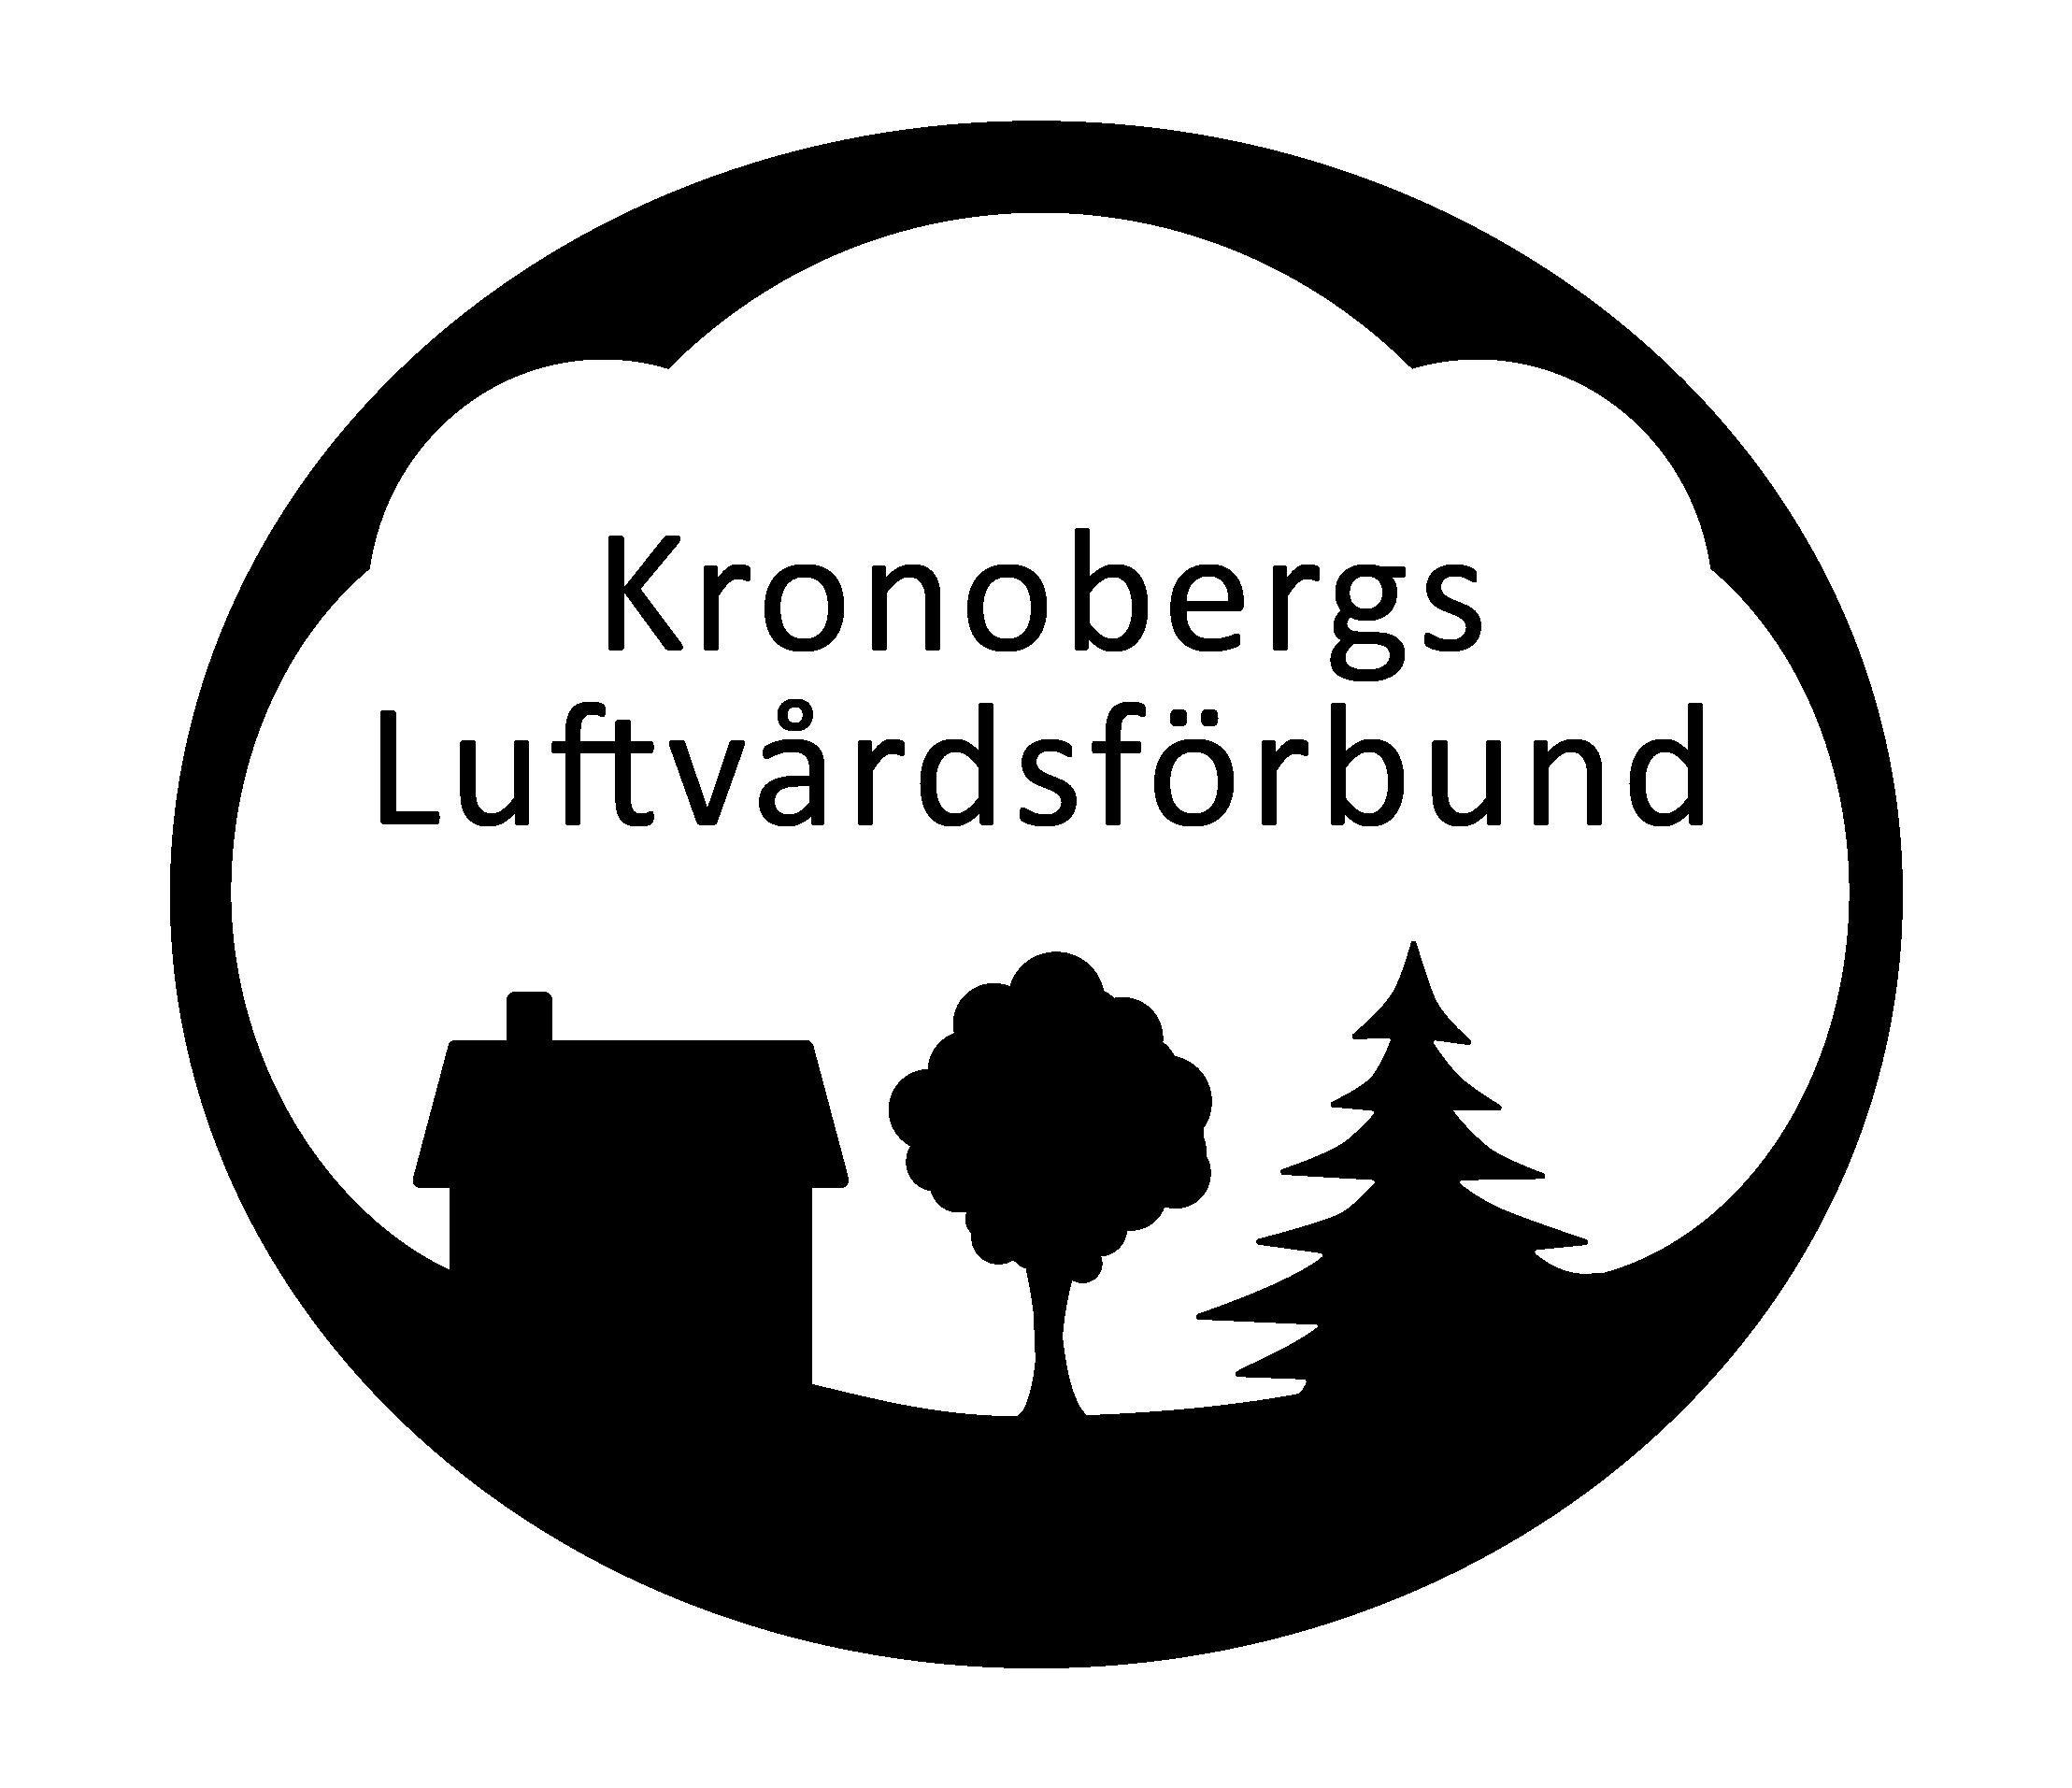 Kronobergs Luftvårdsförbund